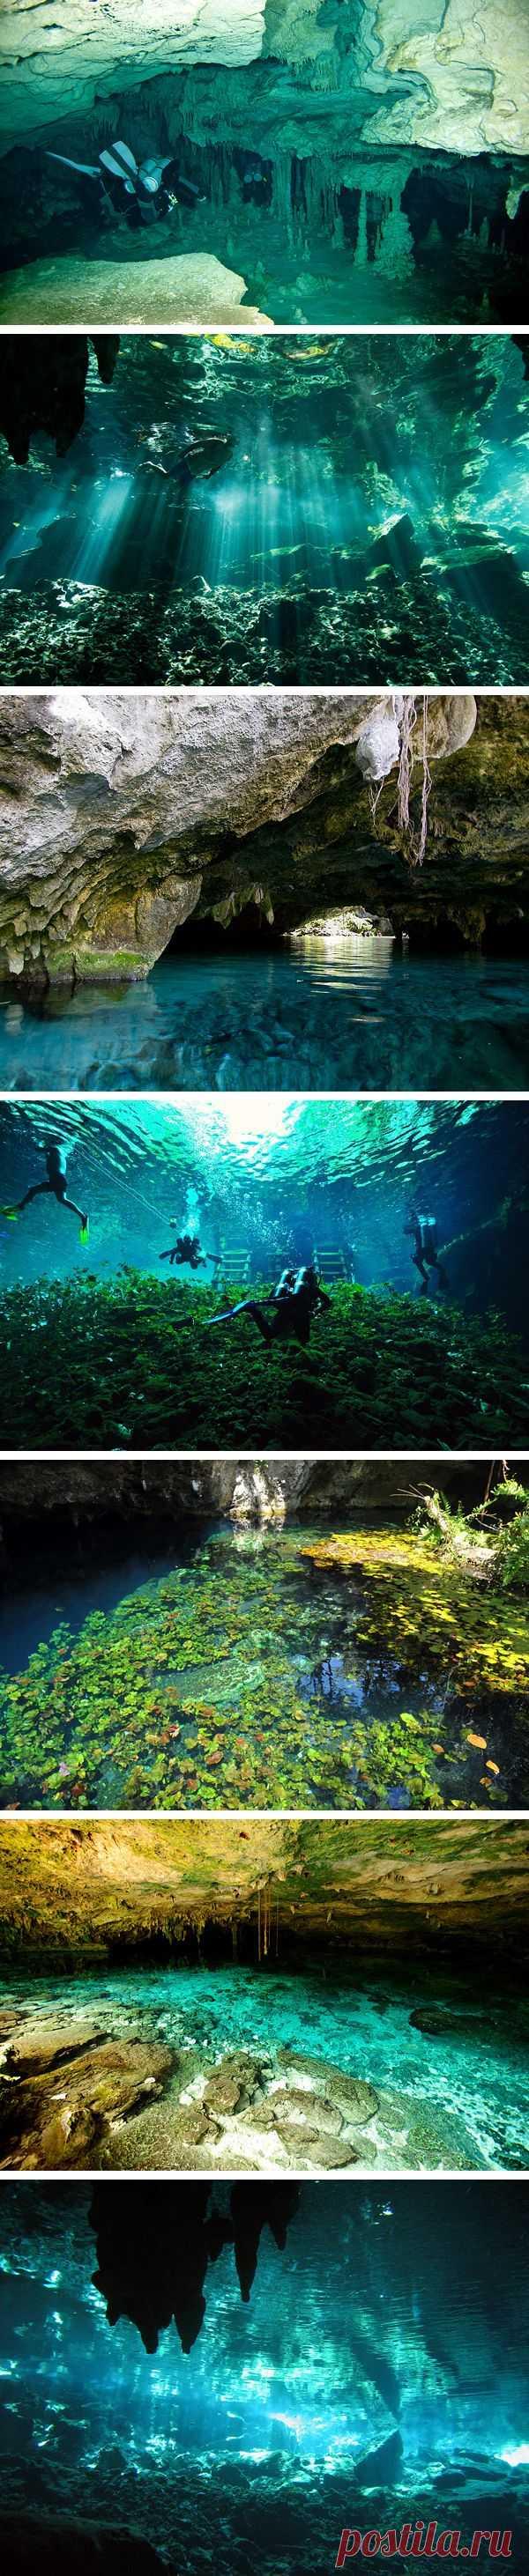 Захватывающий дайвинг в пещерах Мексики